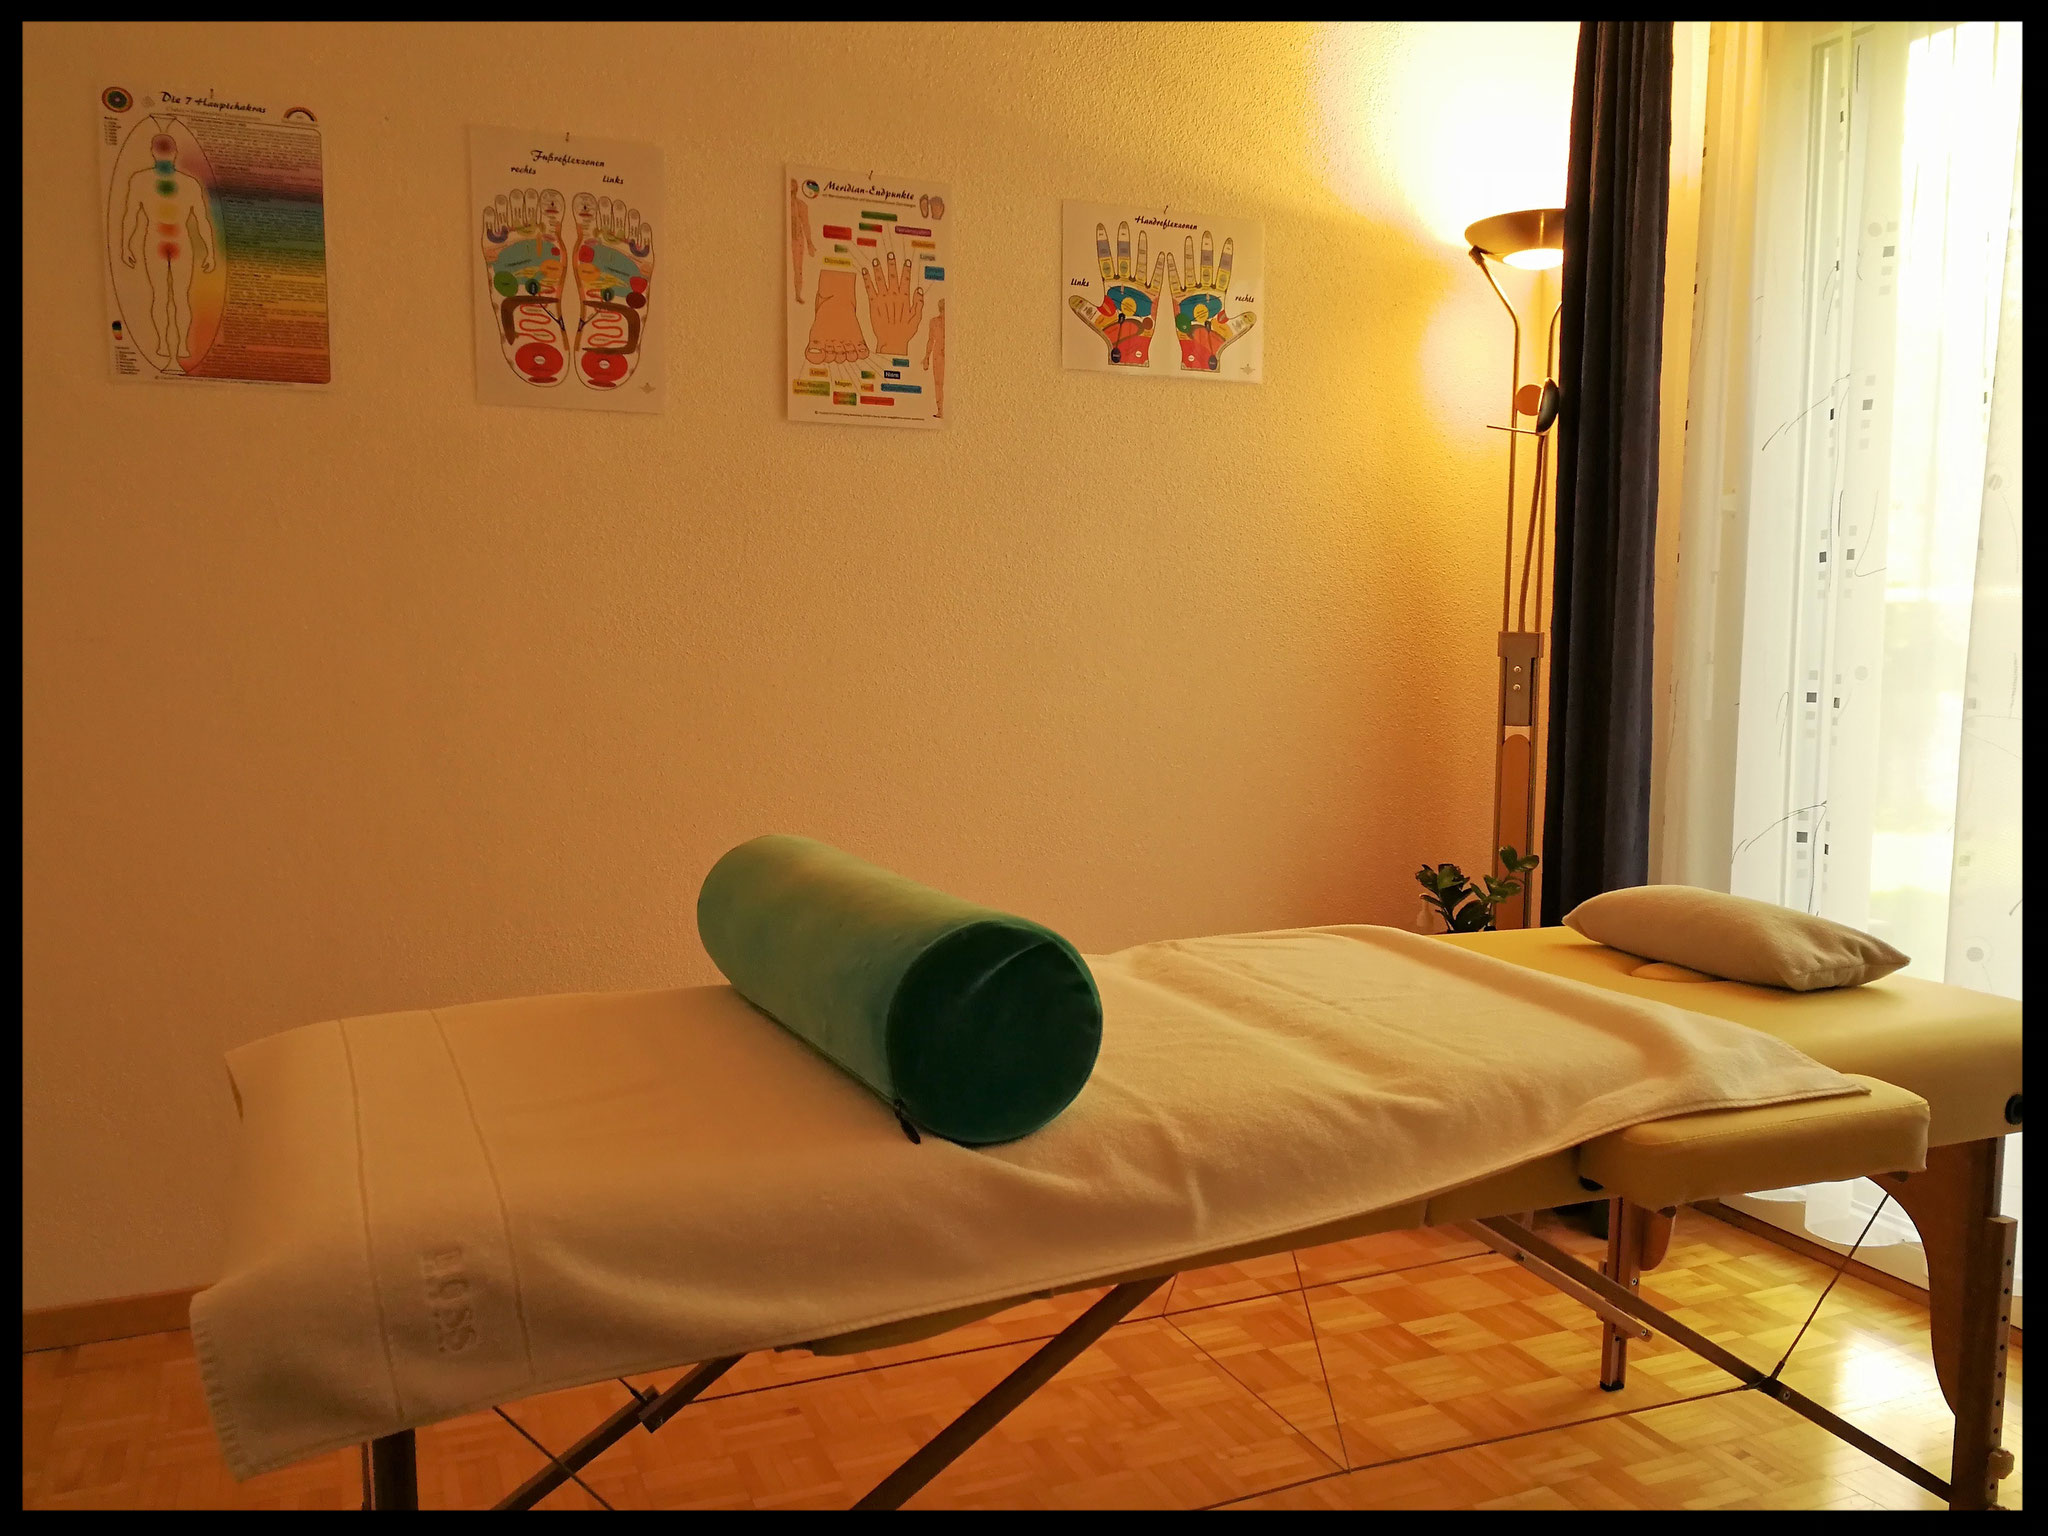 Bereich für energetische Behandlung